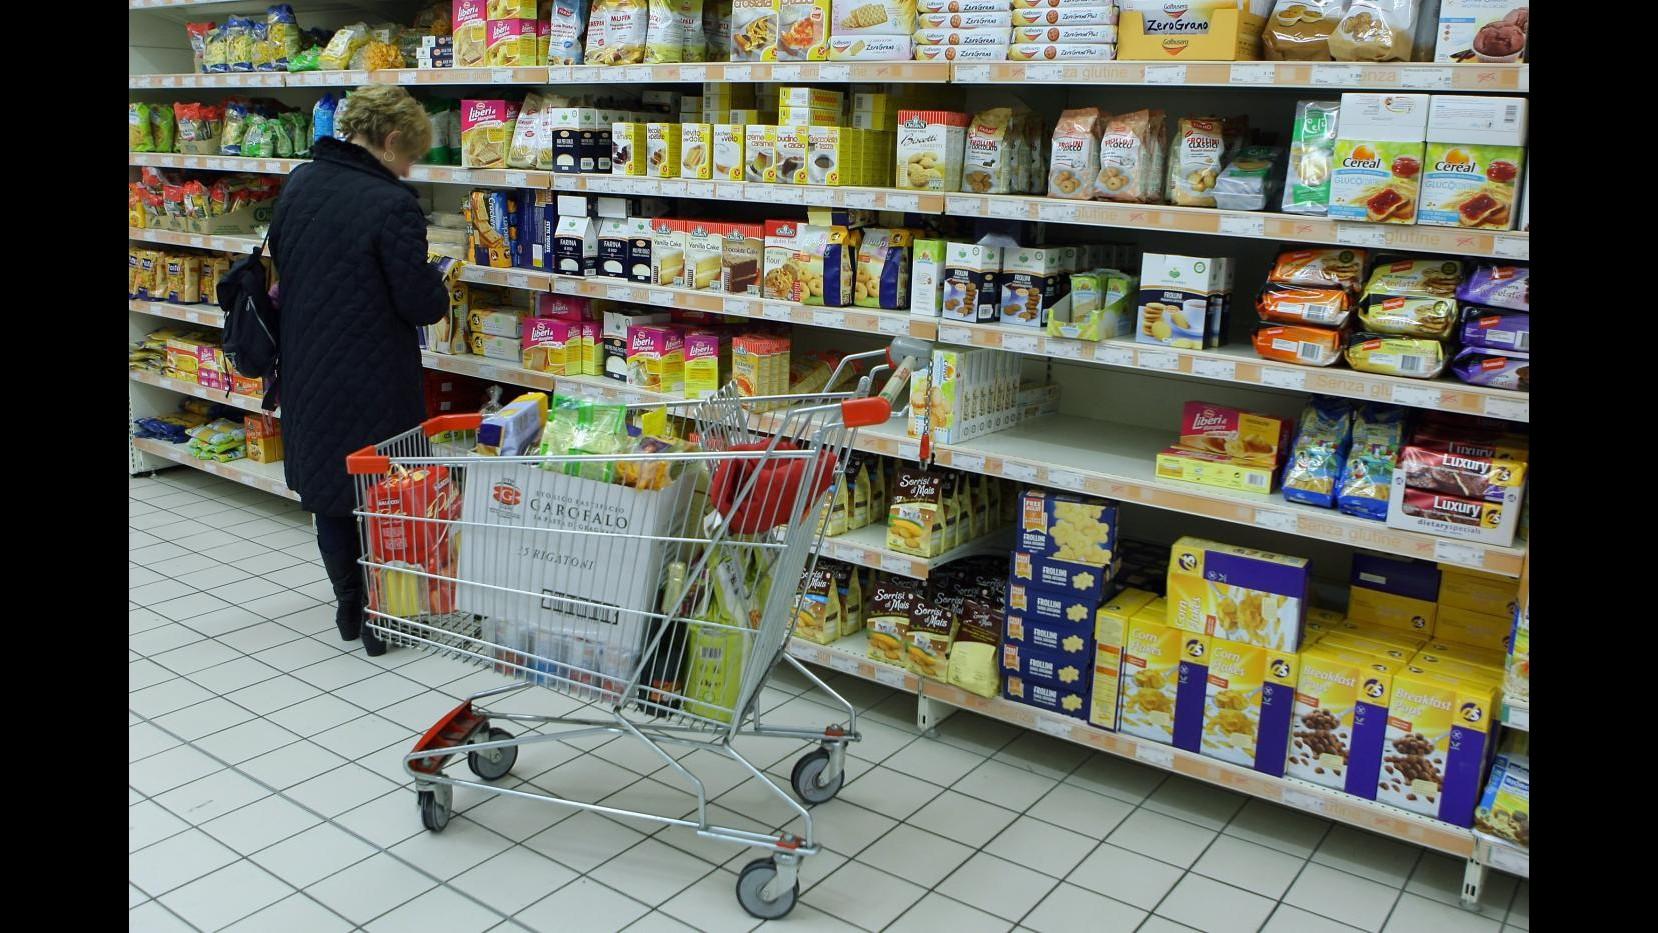 Istat: Inflazione a maggio -0.1% su aprile confermata stima preliminare